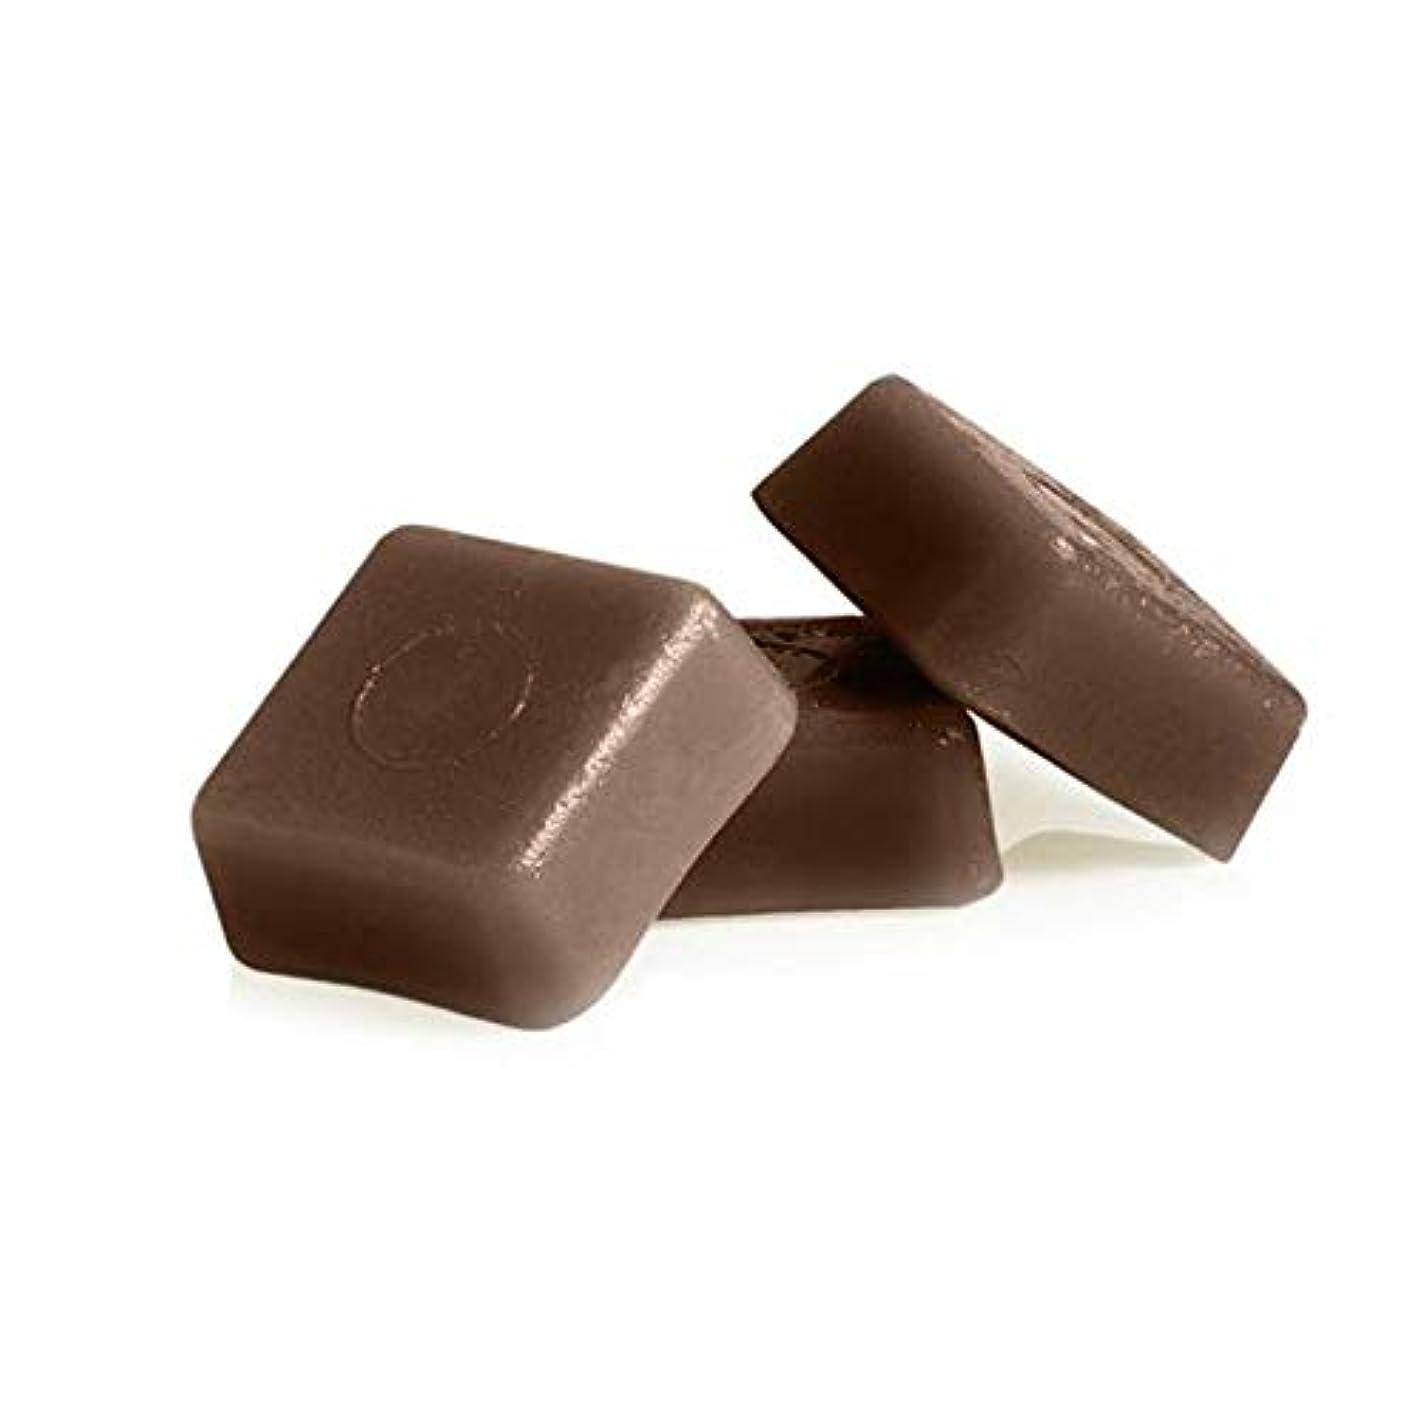 ごちそう独特の十分な業務用ブラジリアンワックス|プロ専用脱毛ハードワックスStarpil Wax:チョコセラピー 1000g